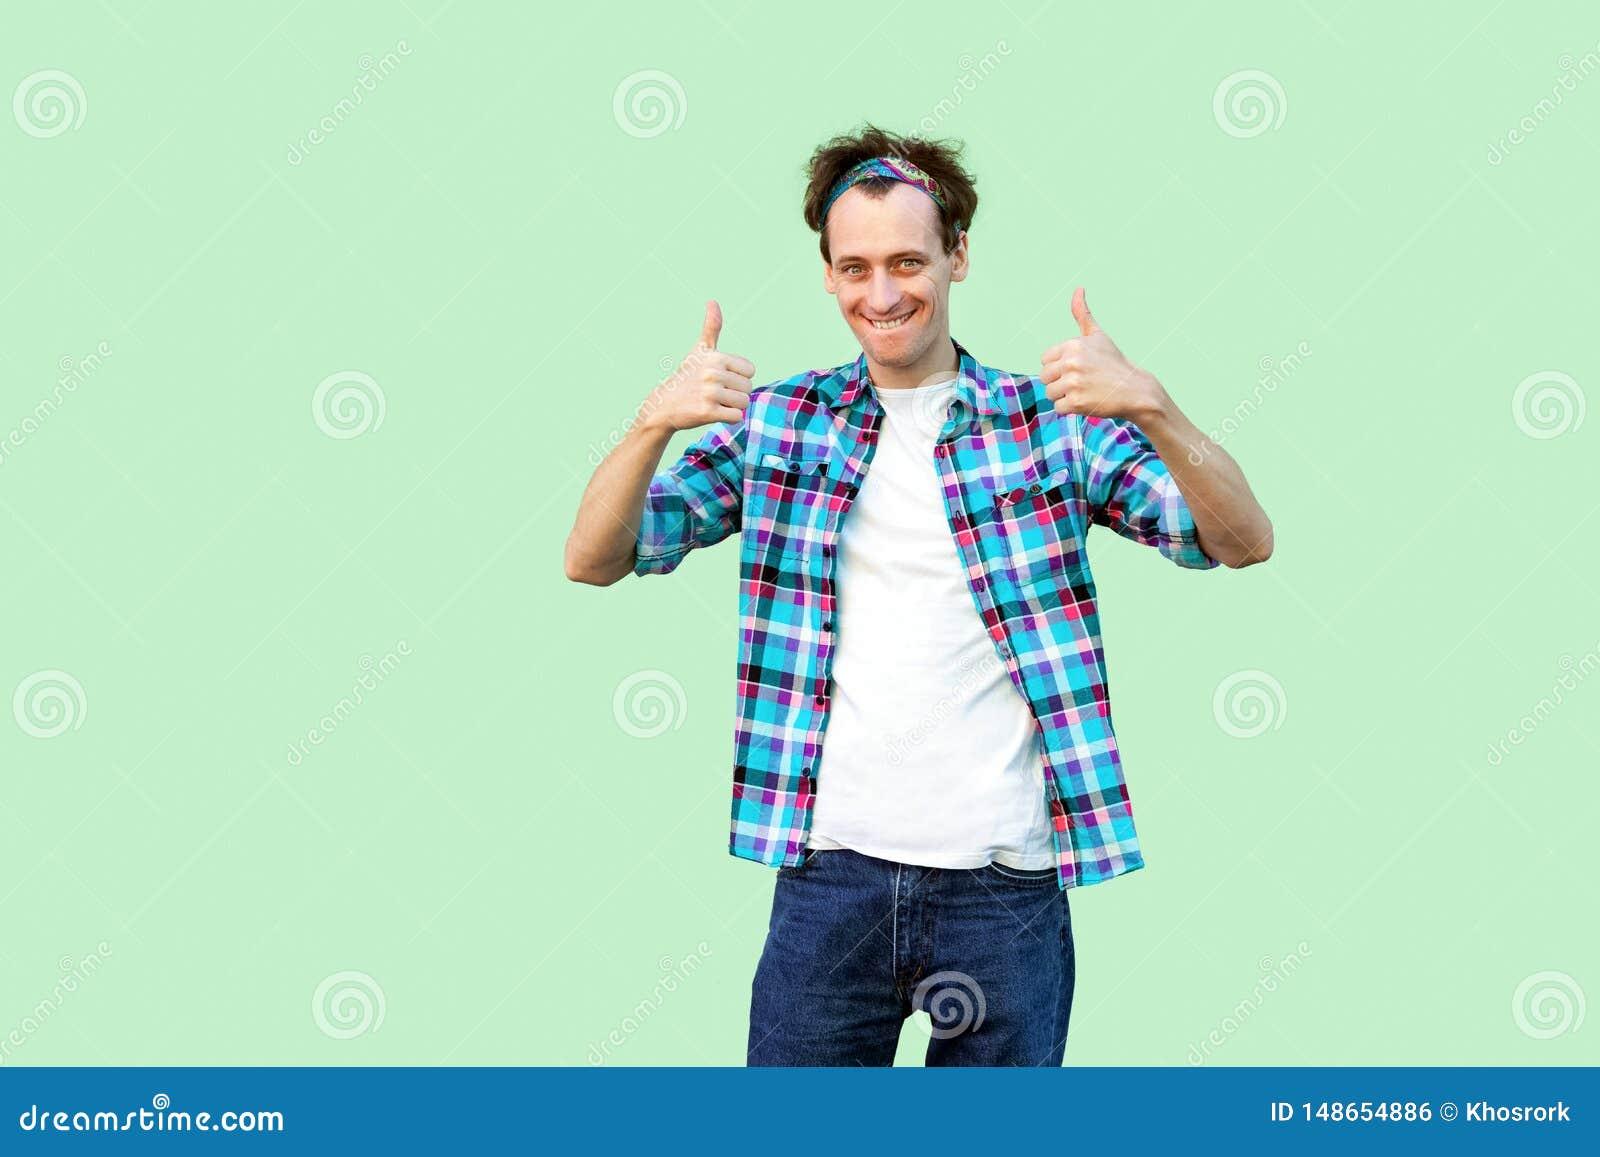 Ritratto del giovane soddisfatto nella condizione a quadretti blu casuale della fascia e della camicia, pollici su ed esaminando